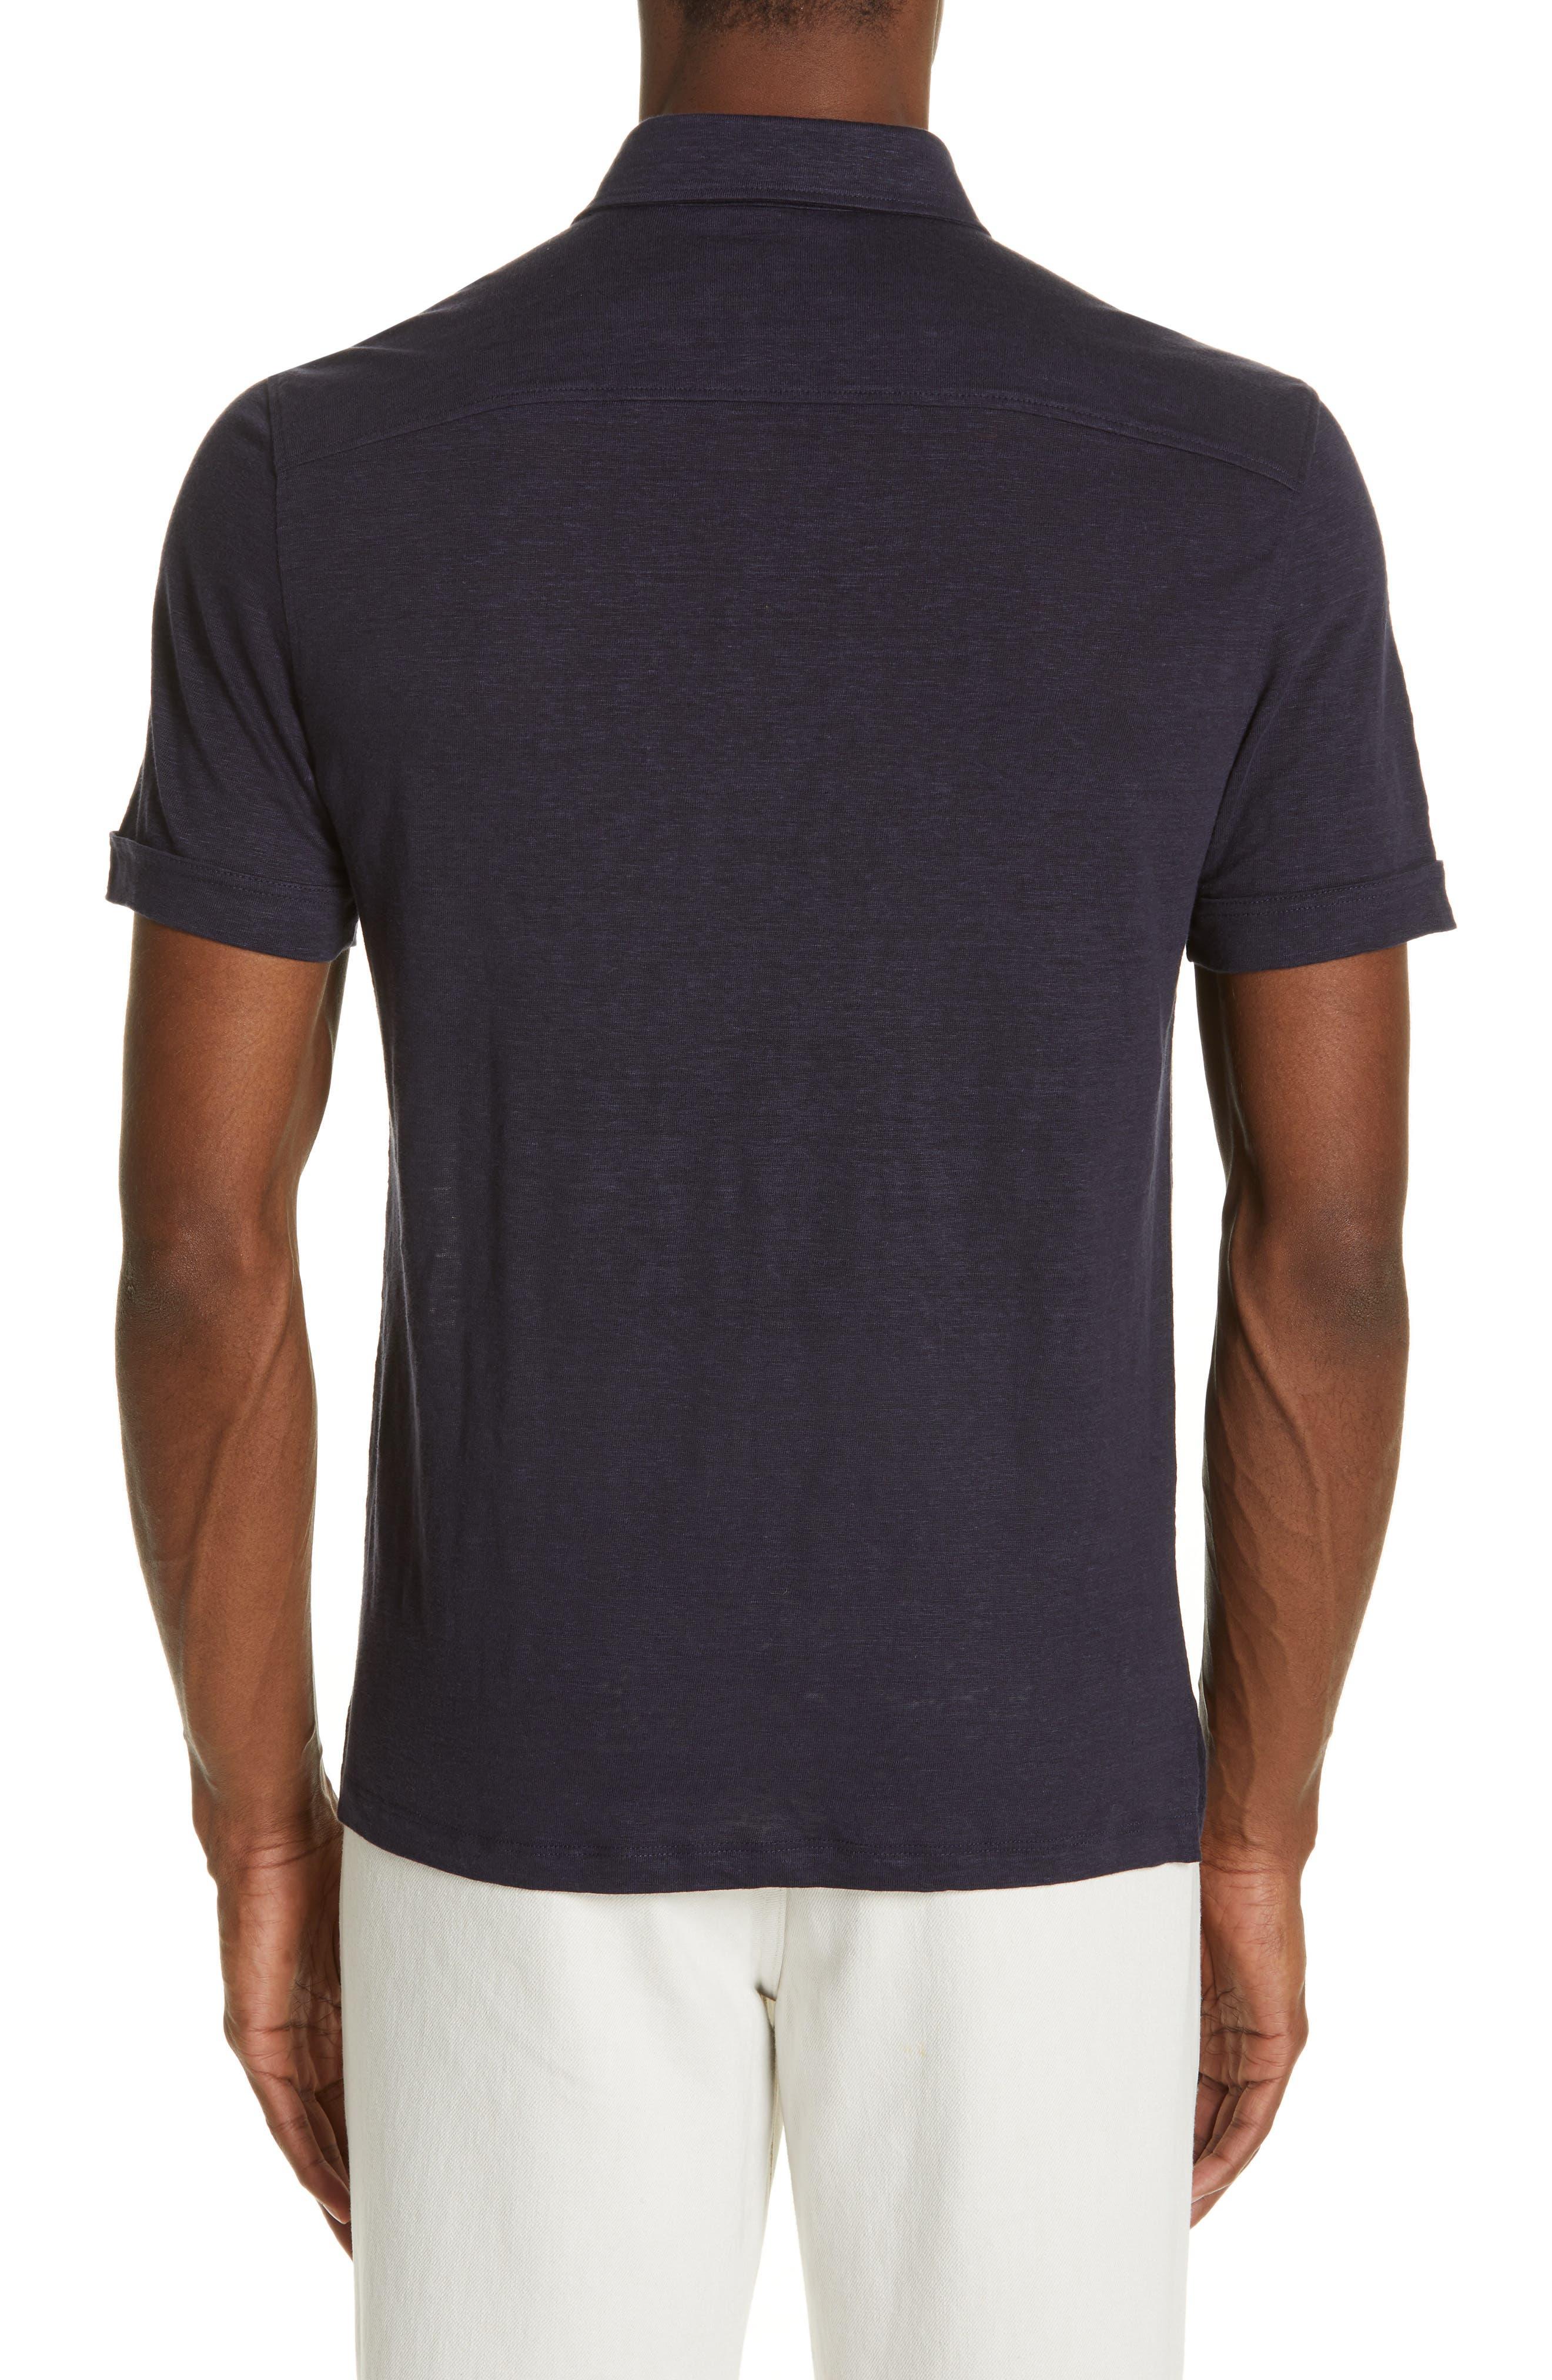 ERMENEGILDO ZEGNA, Ermenegilda Zegna Linen Polo Shirt, Alternate thumbnail 2, color, NAVY